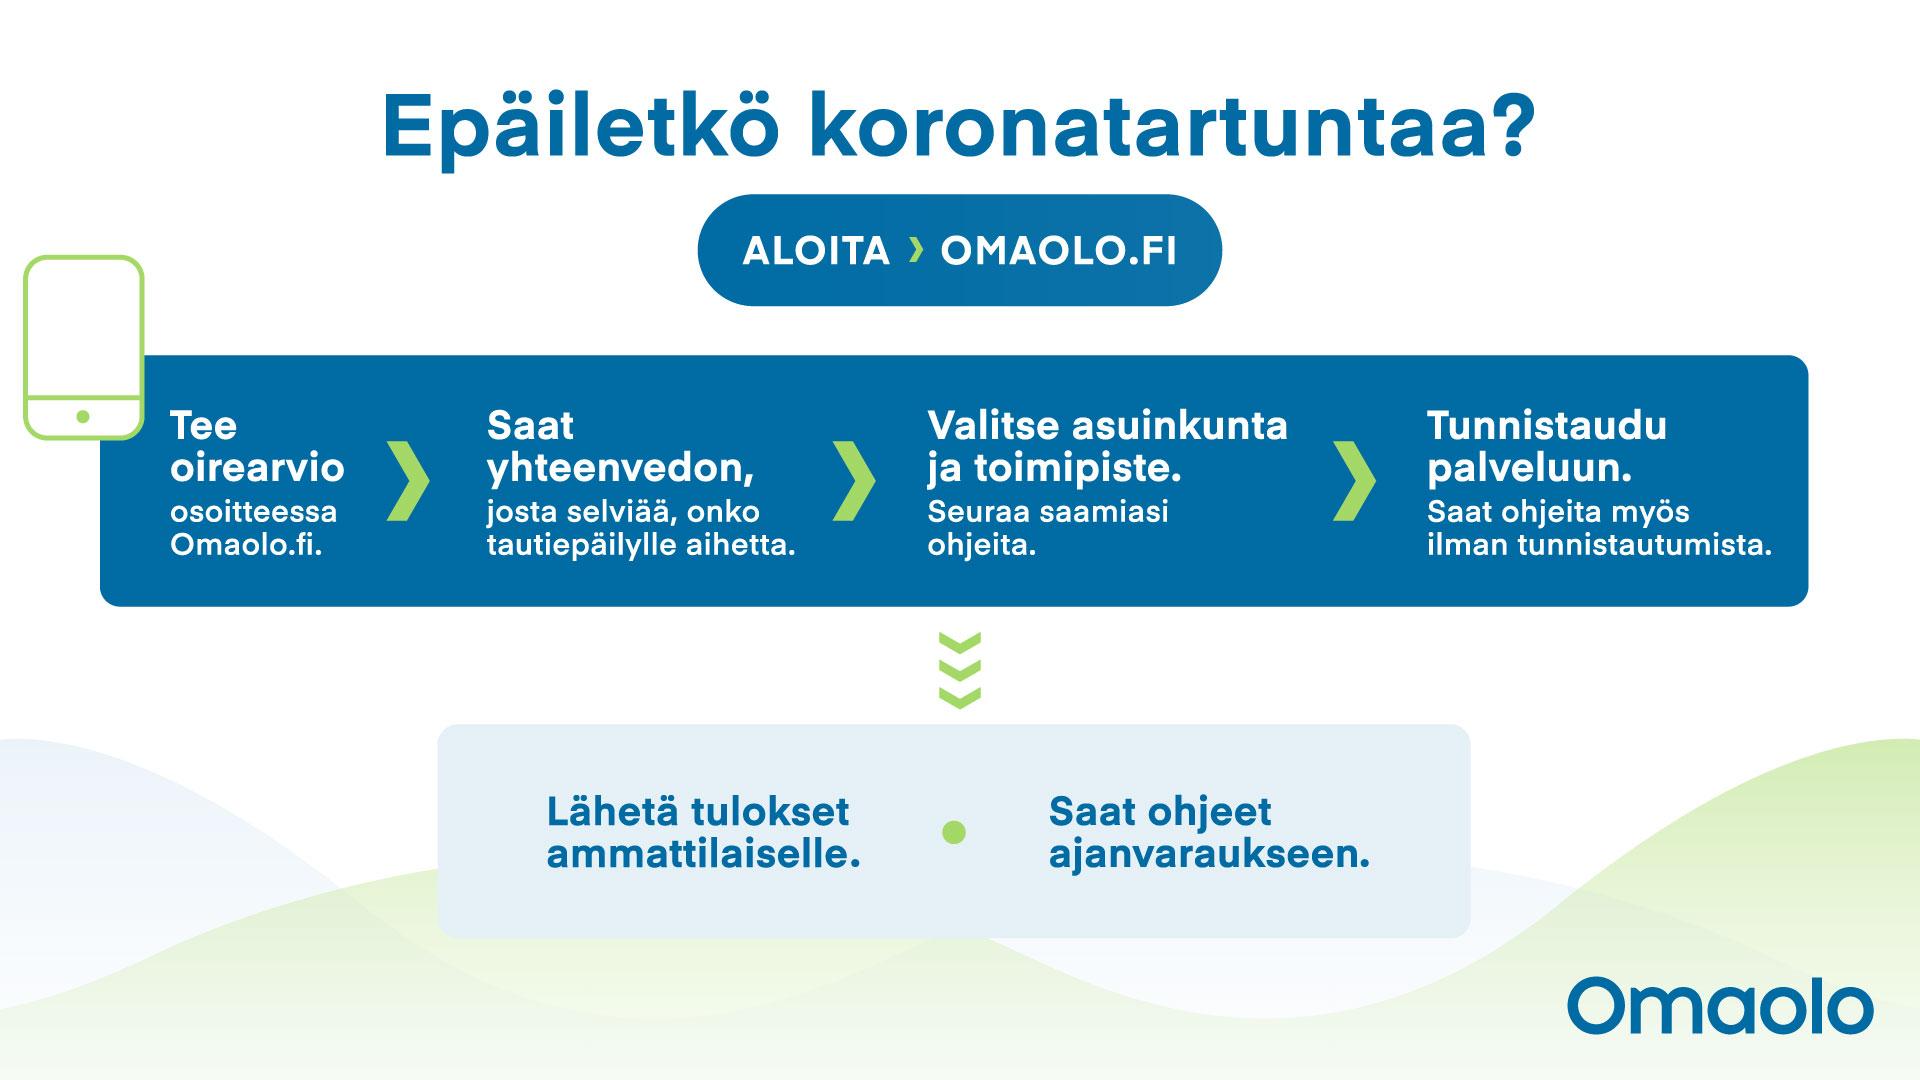 Epäiletkö koronatartuntaa? Aloita omaolo.fi.